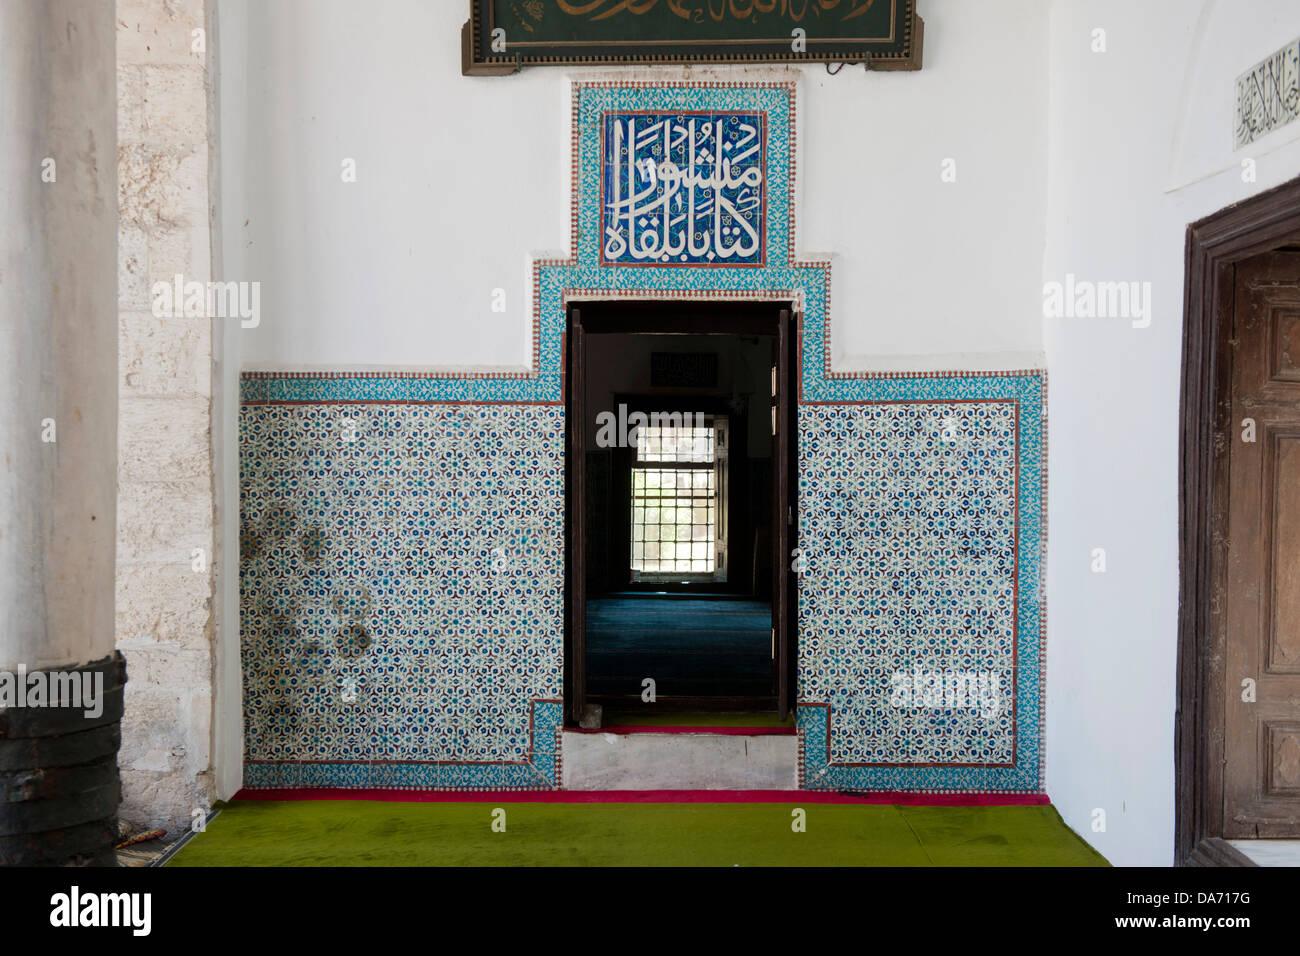 Türkei, Adana, Ulu Cami im alten Baazar-Viertel Stock Photo